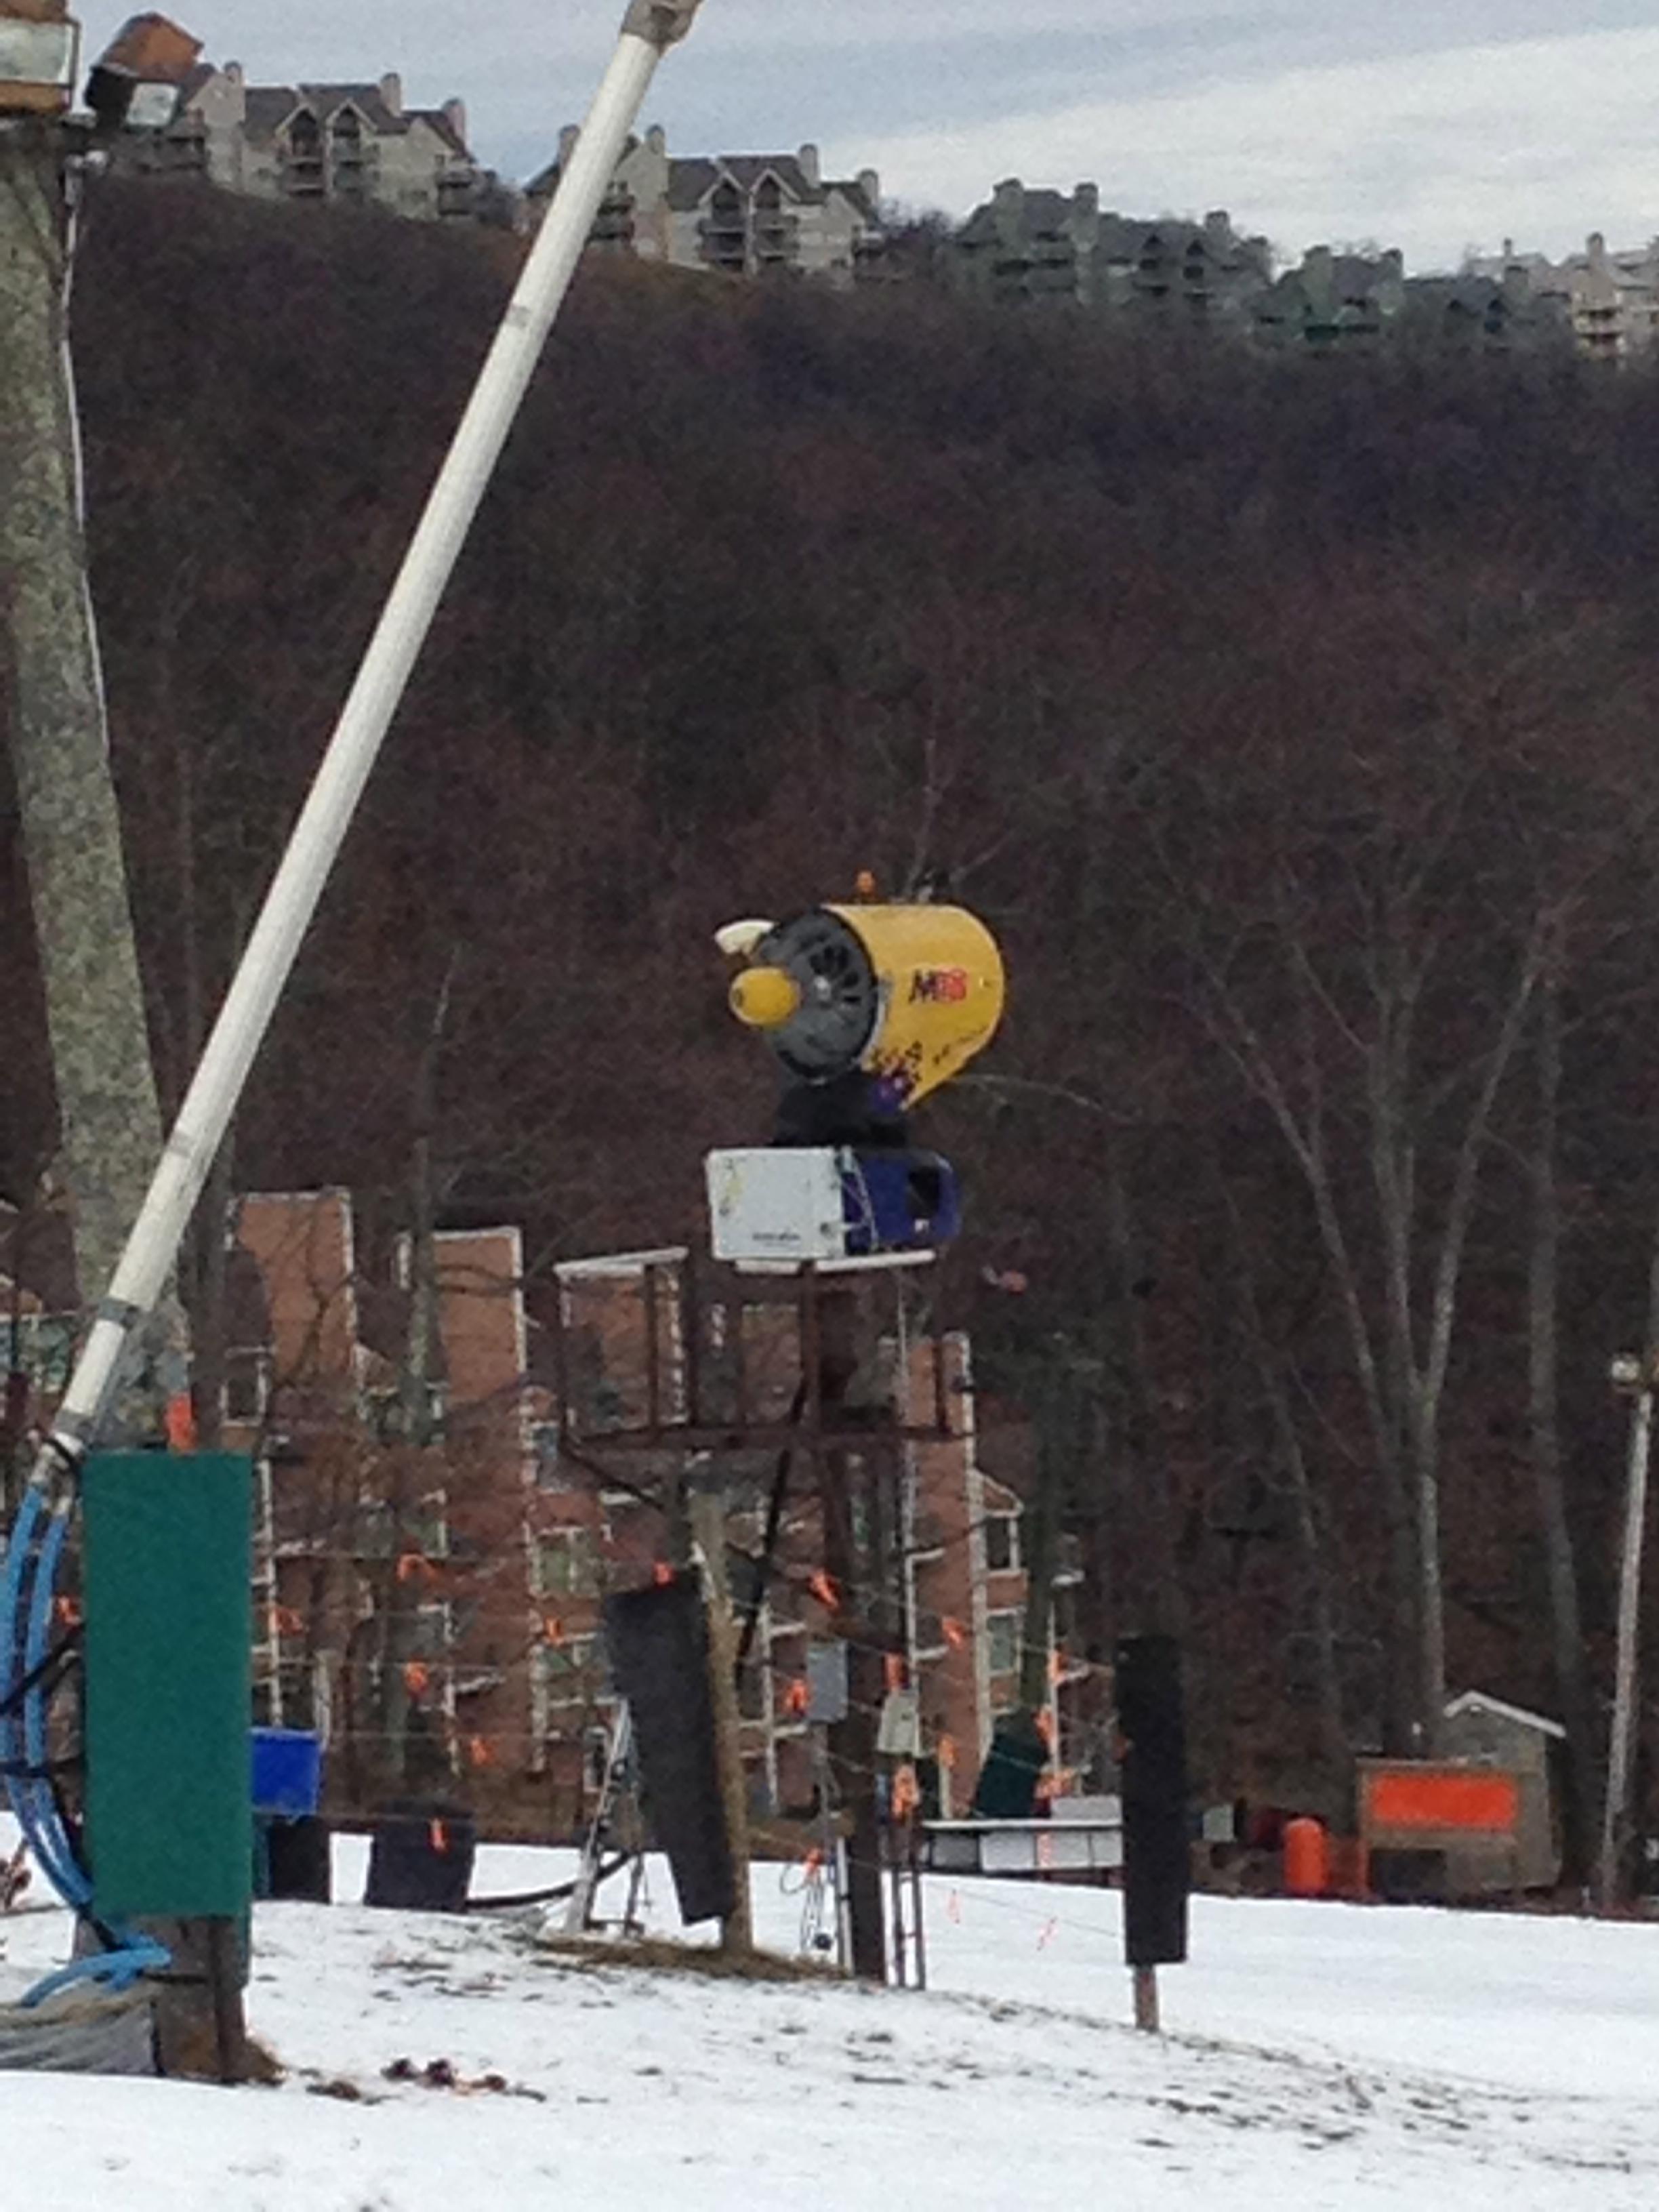 Snowmaking Gun and Machine